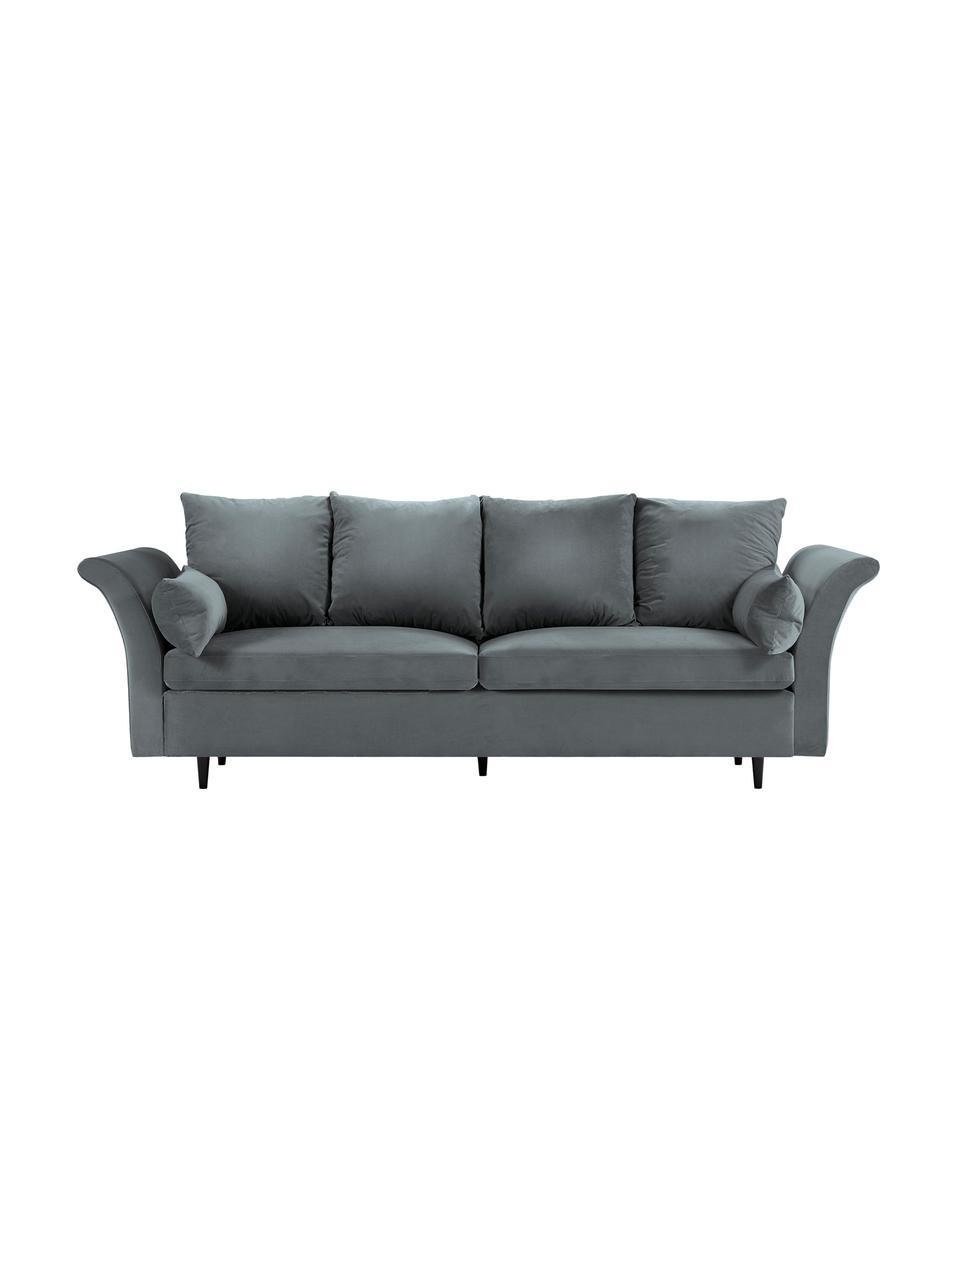 Sofa z aksamitu z funkcją spania i miejscem do przechowywania Lola (3-osobowa), Tapicerka: aksamit poliestrowy Dzięk, Nogi: drewno sosnowe, lakierowa, Ciemny szary, S 245 x G 95 cm